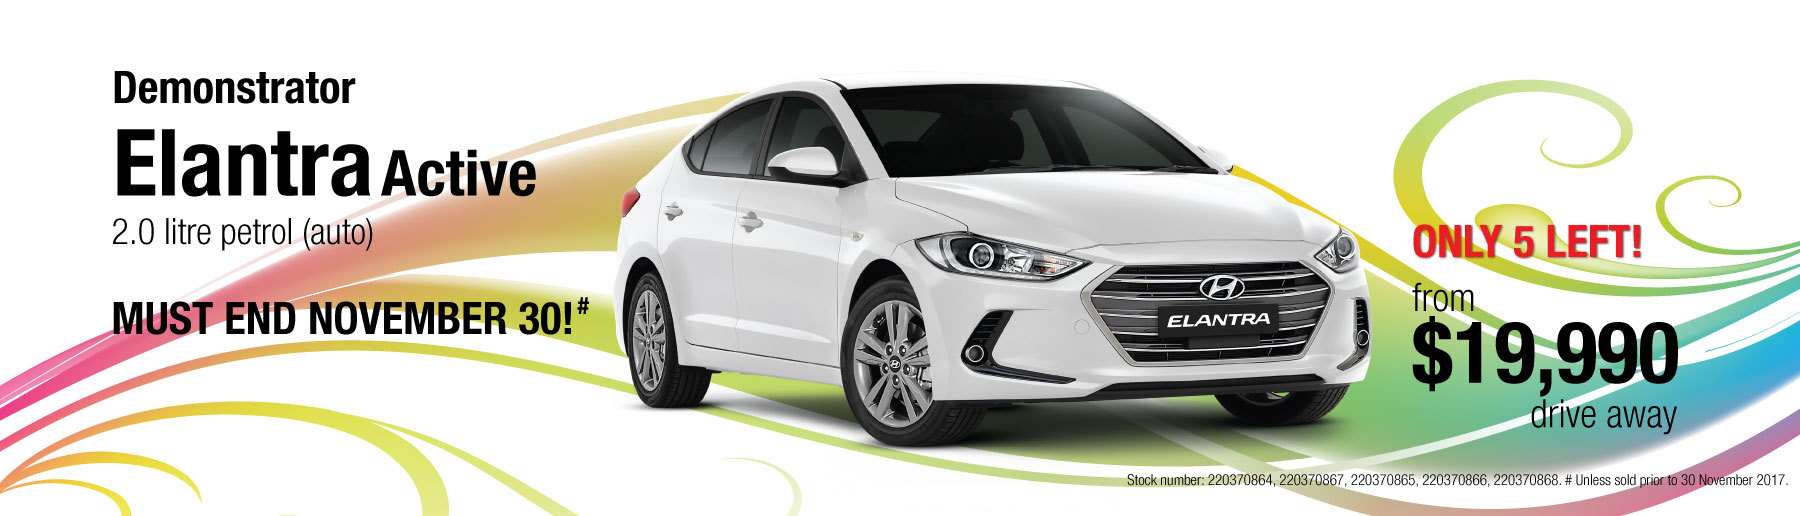 Hyundai Elantra Driveaway Offer